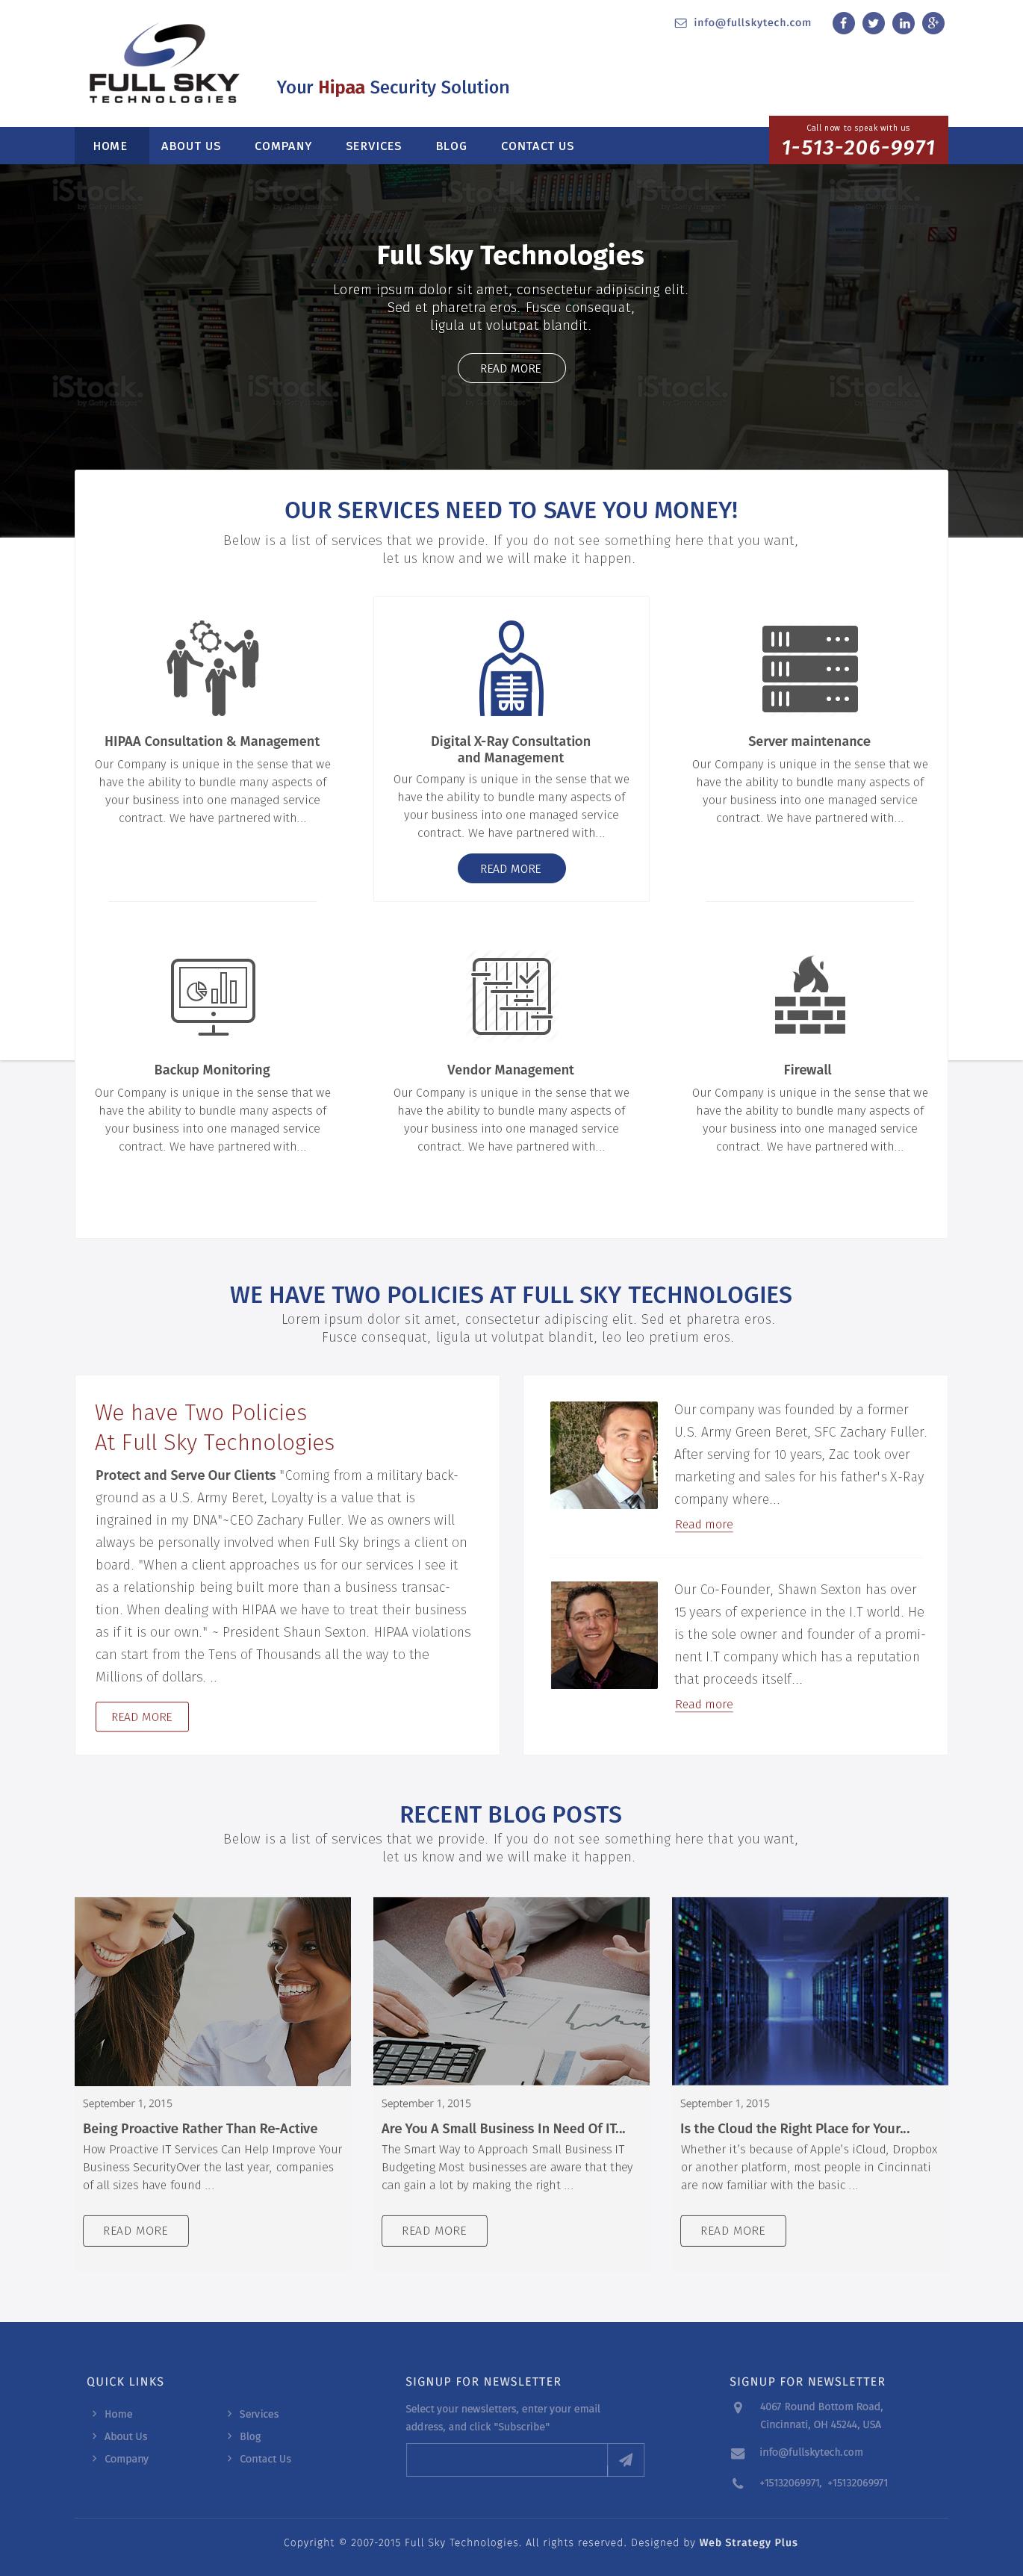 Full Sky Technologies